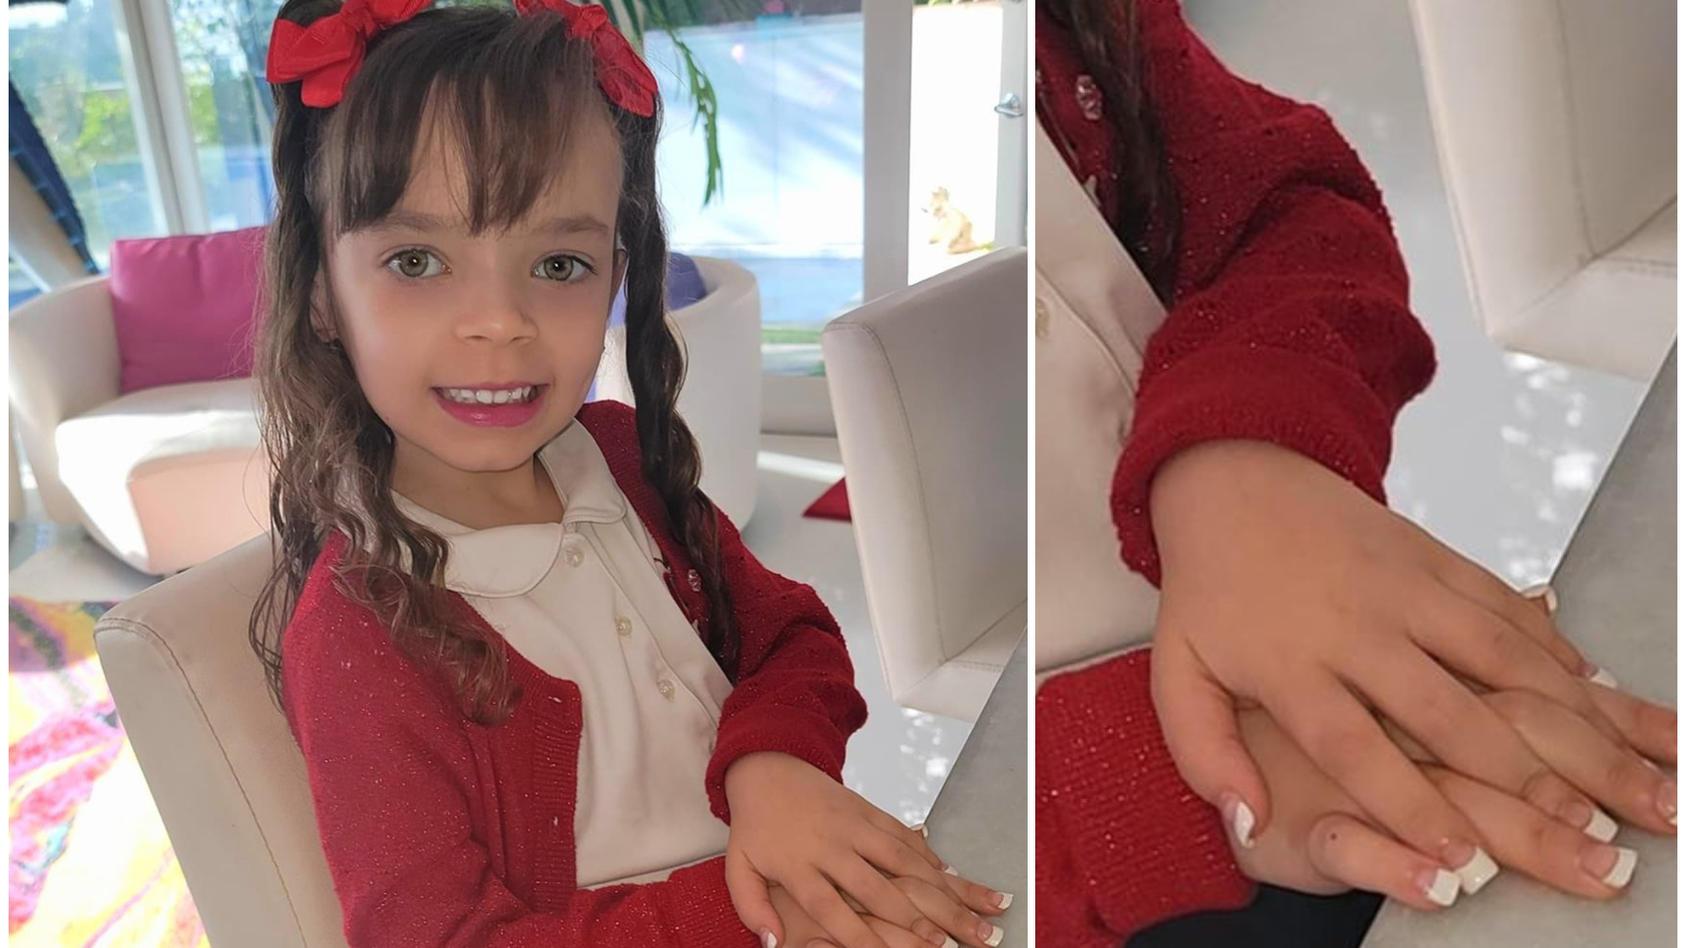 Die kleine Chanel posiert stolz mit ihren frischgemachen Nägeln vor der Kamera von Coco Austin.